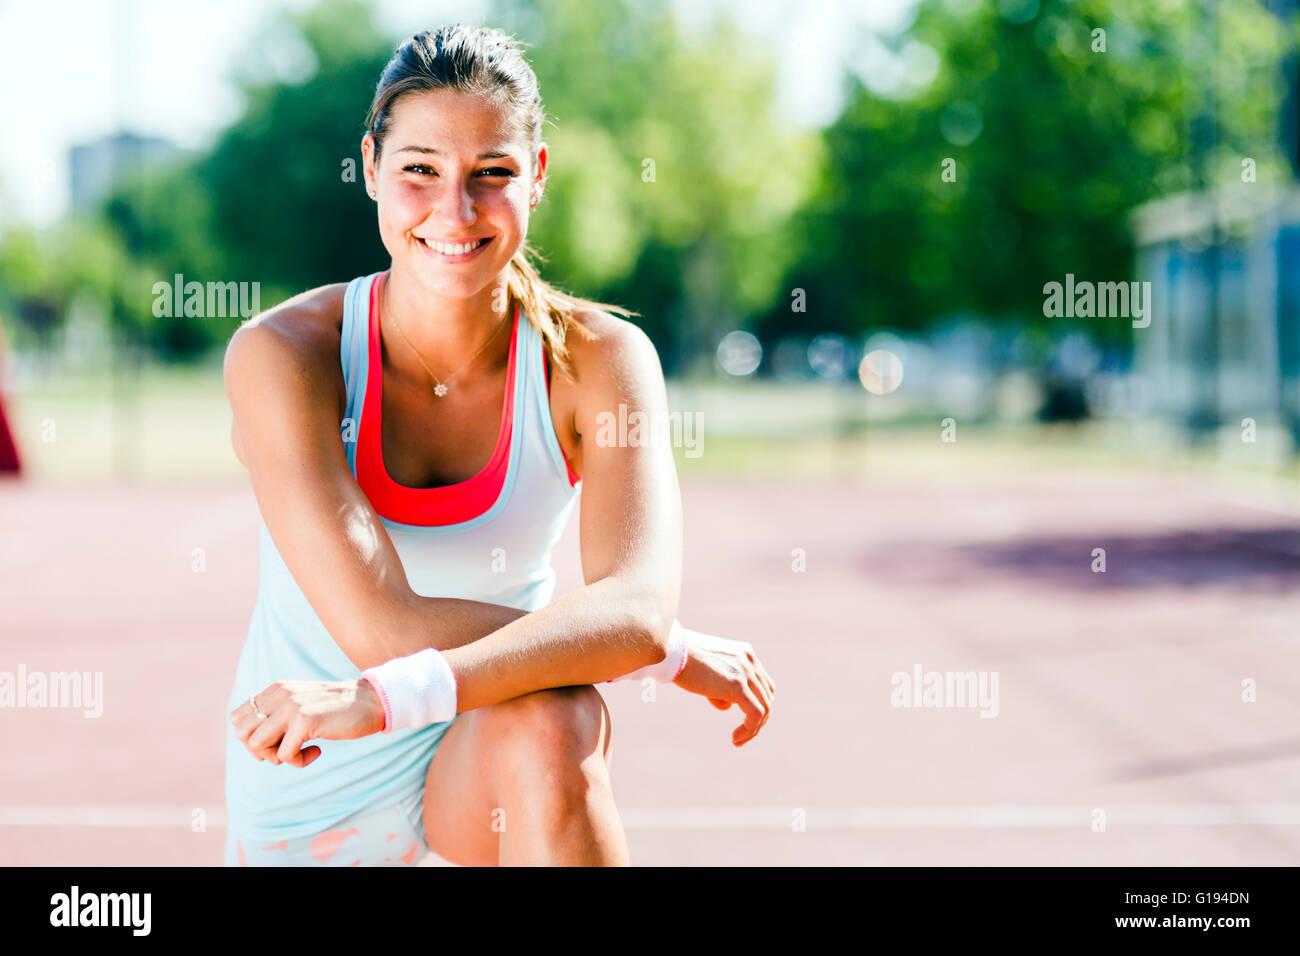 Retrato de una joven hermosa mujer colocar afuera estiramientos Imagen De Stock